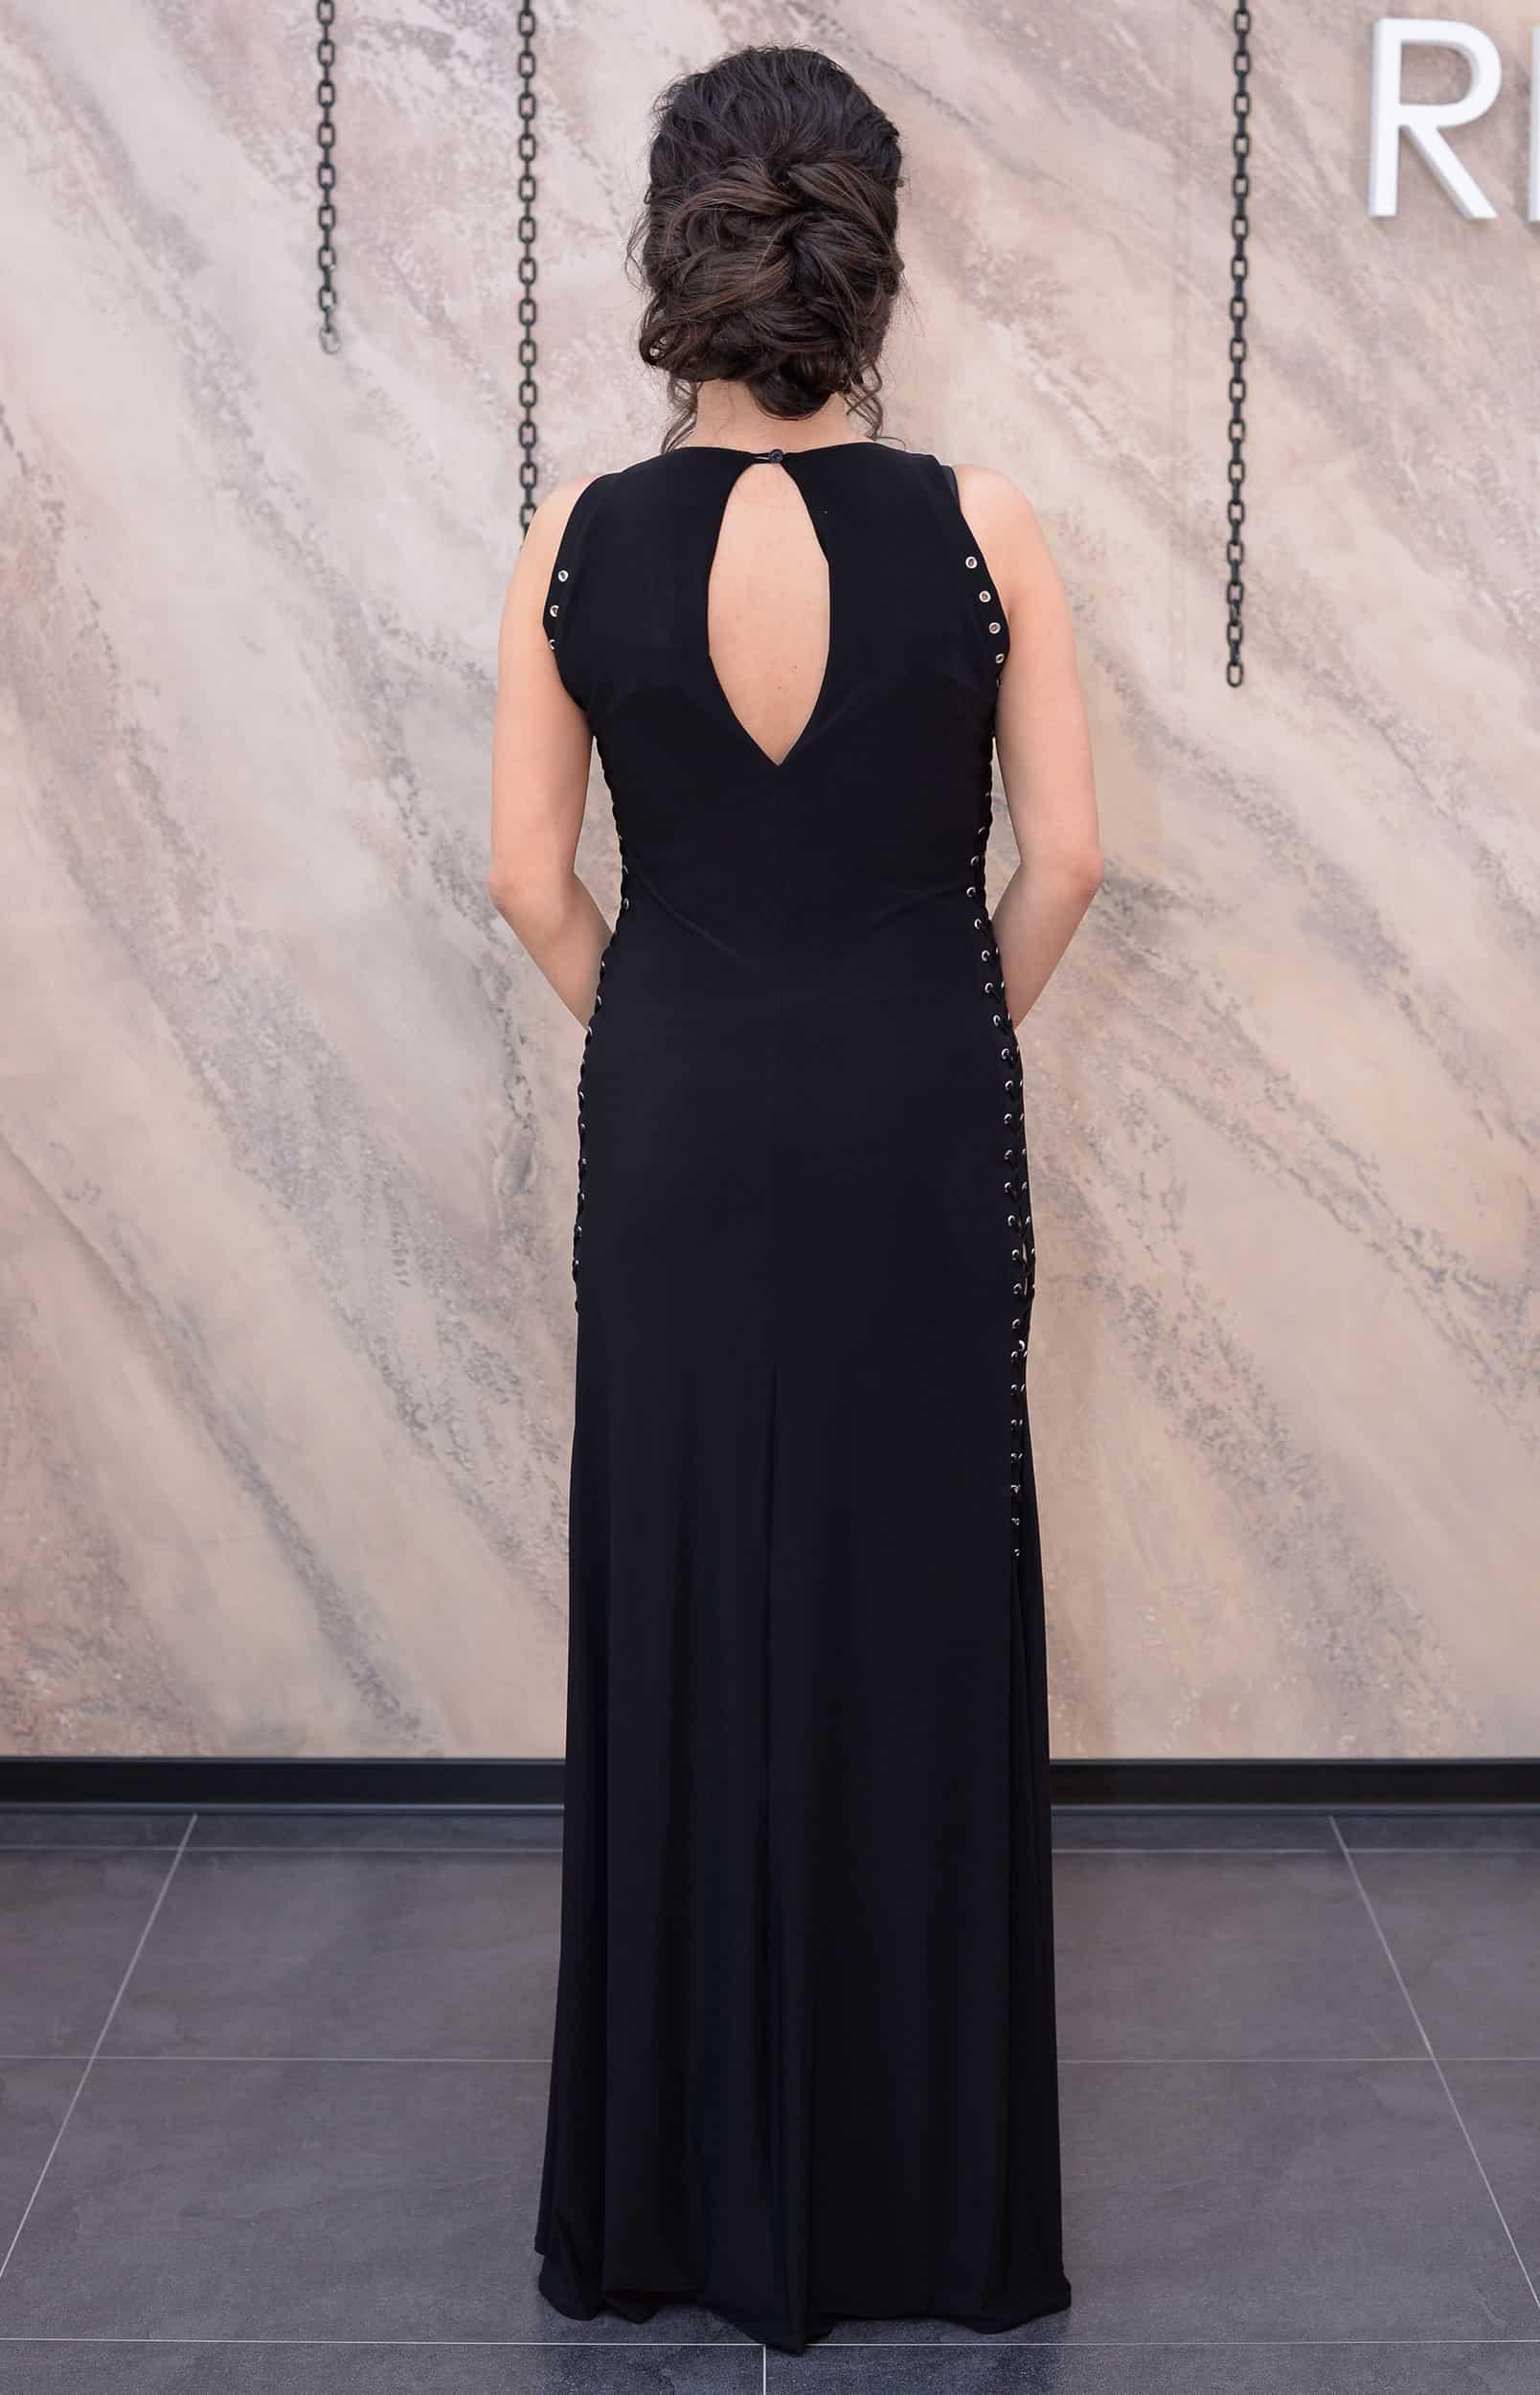 Iznajmljivanje haljina Nis - Suzana Peric - Rent A Dress Nis